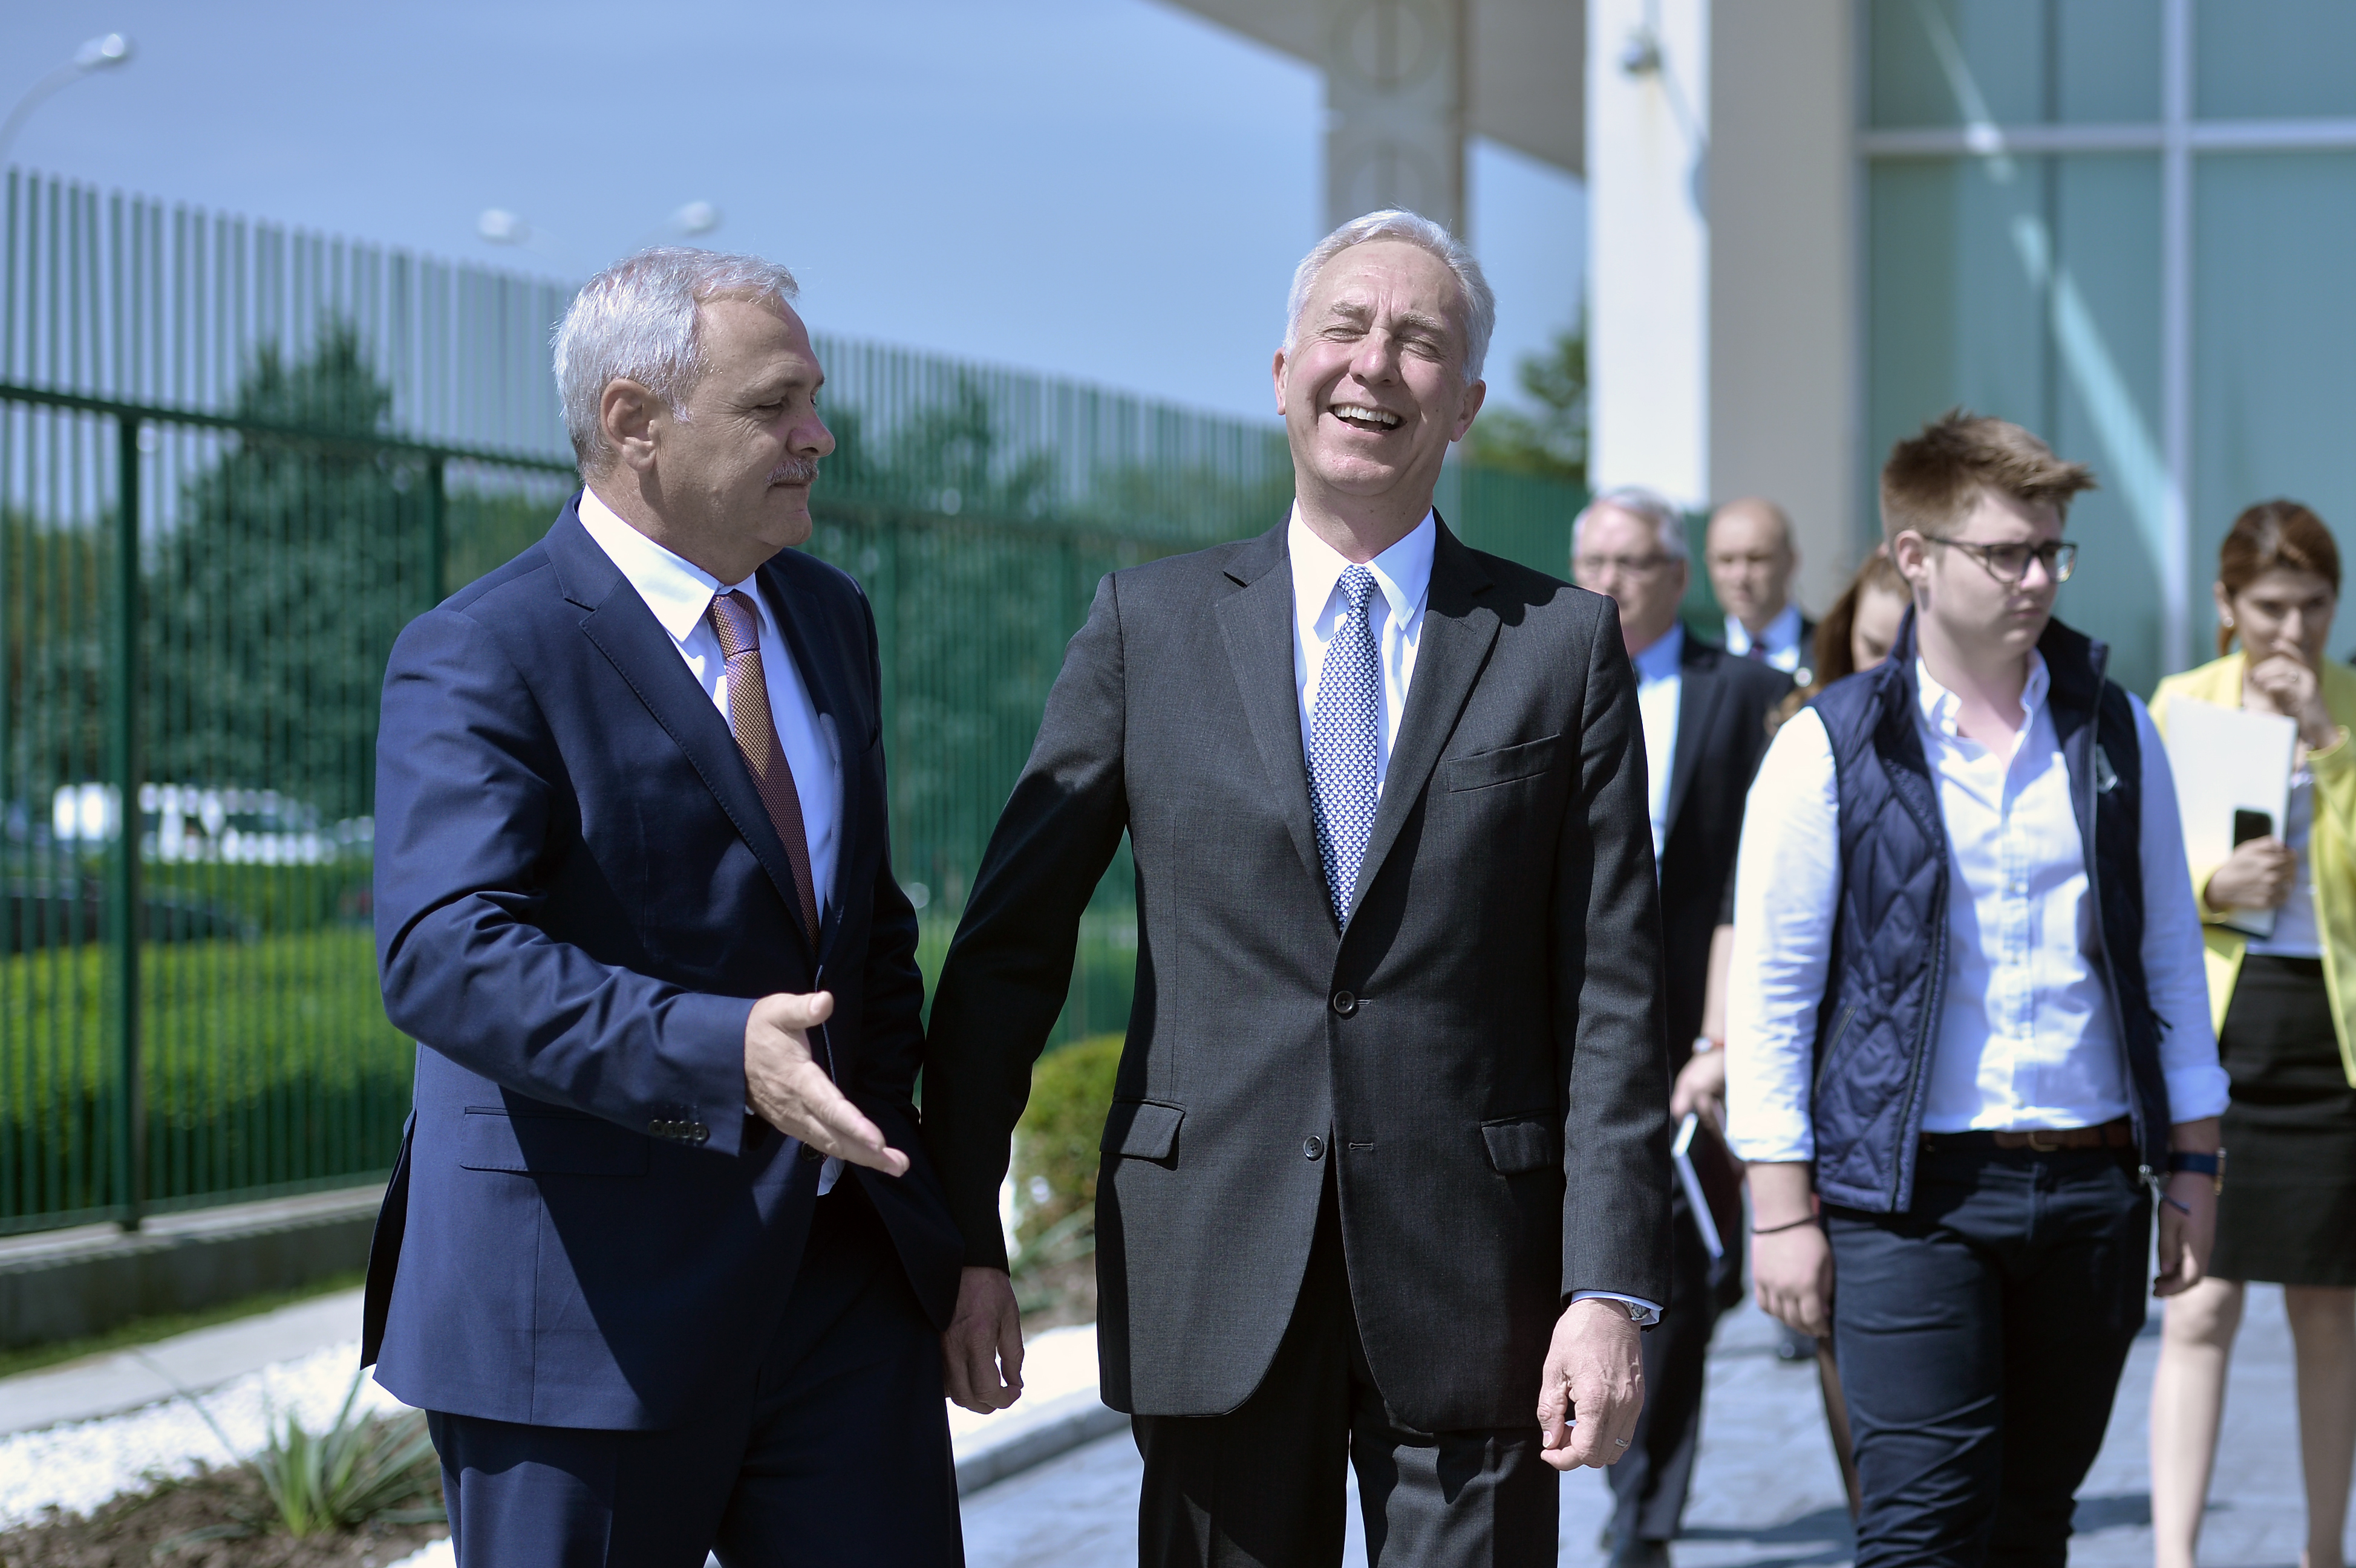 Klemm, despre susţinerea lui pentru procurorul-şef al DNA, după ce s-a întâlnit cu Dragnea: Ne menţinem încrederea/ Ce spune despre măsurile economice ale Guvernului Tudose: Parteneriatului poate fi afectat